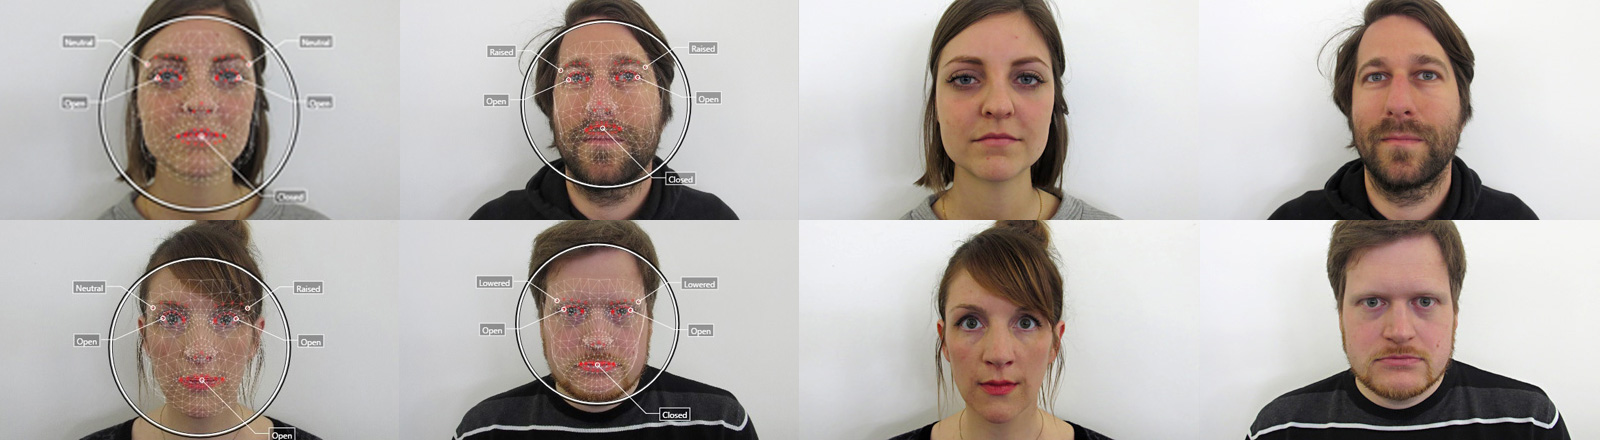 Zwei Mal acht Fotos von vier Personen. Das eine Foto zeigt das Gesicht normal und das andere mit Linien darüber, die vom Vermessungstool stammen.